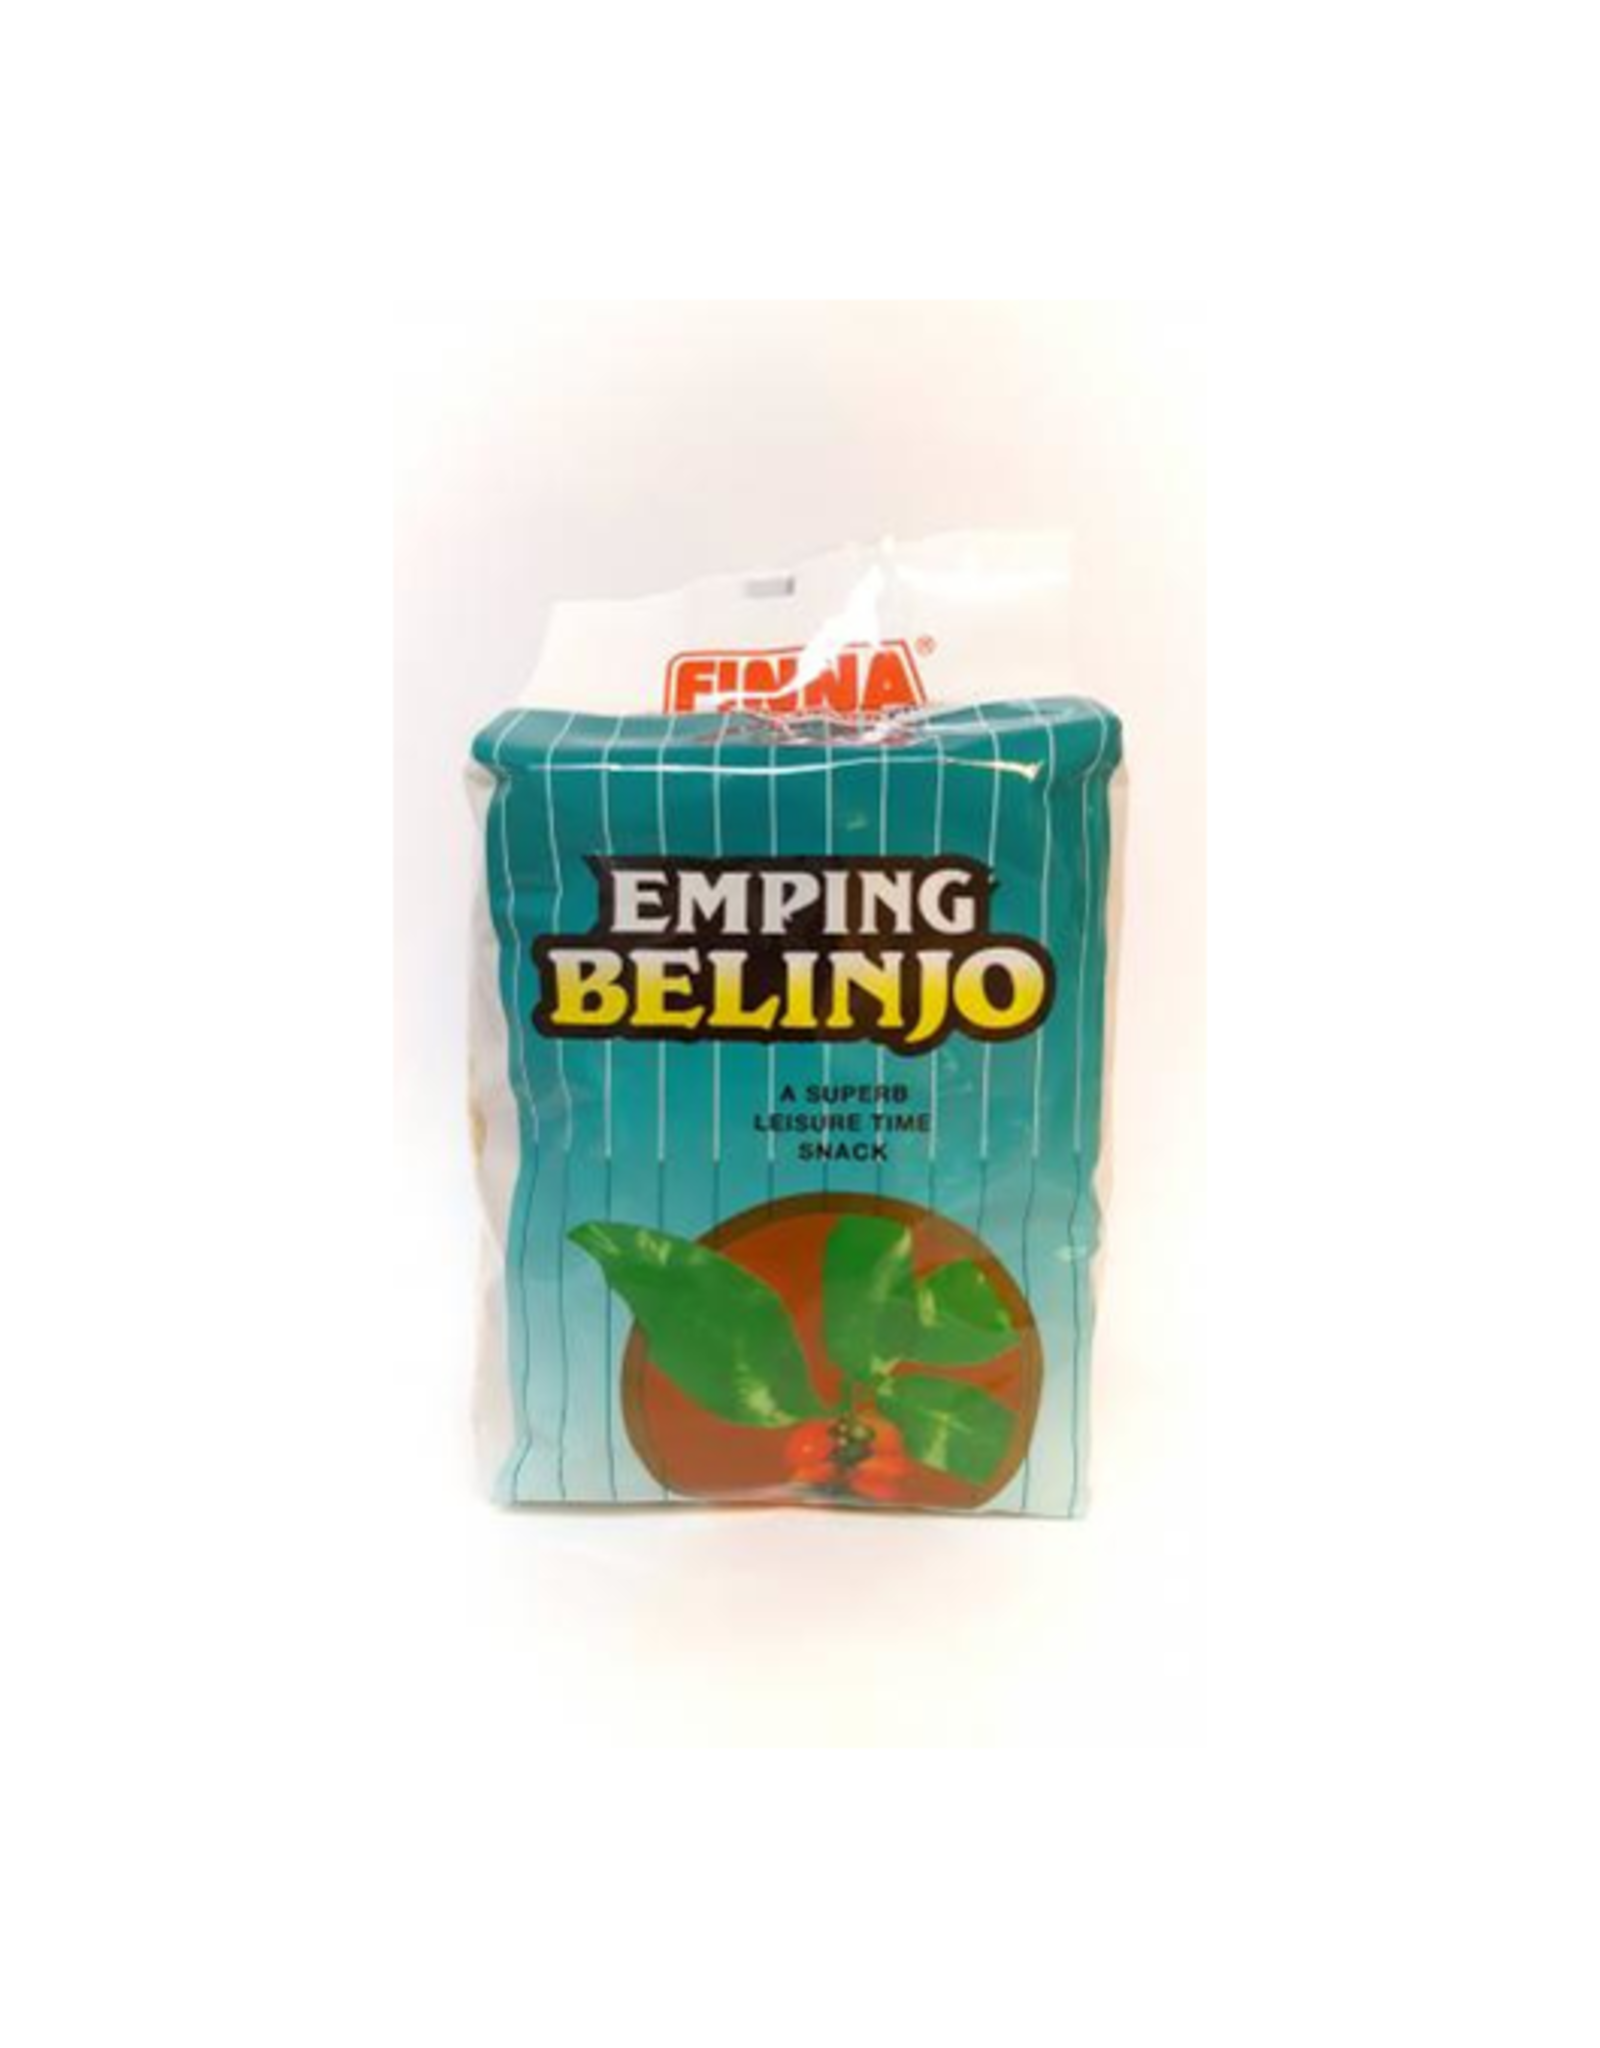 Finna Emping Belinjo